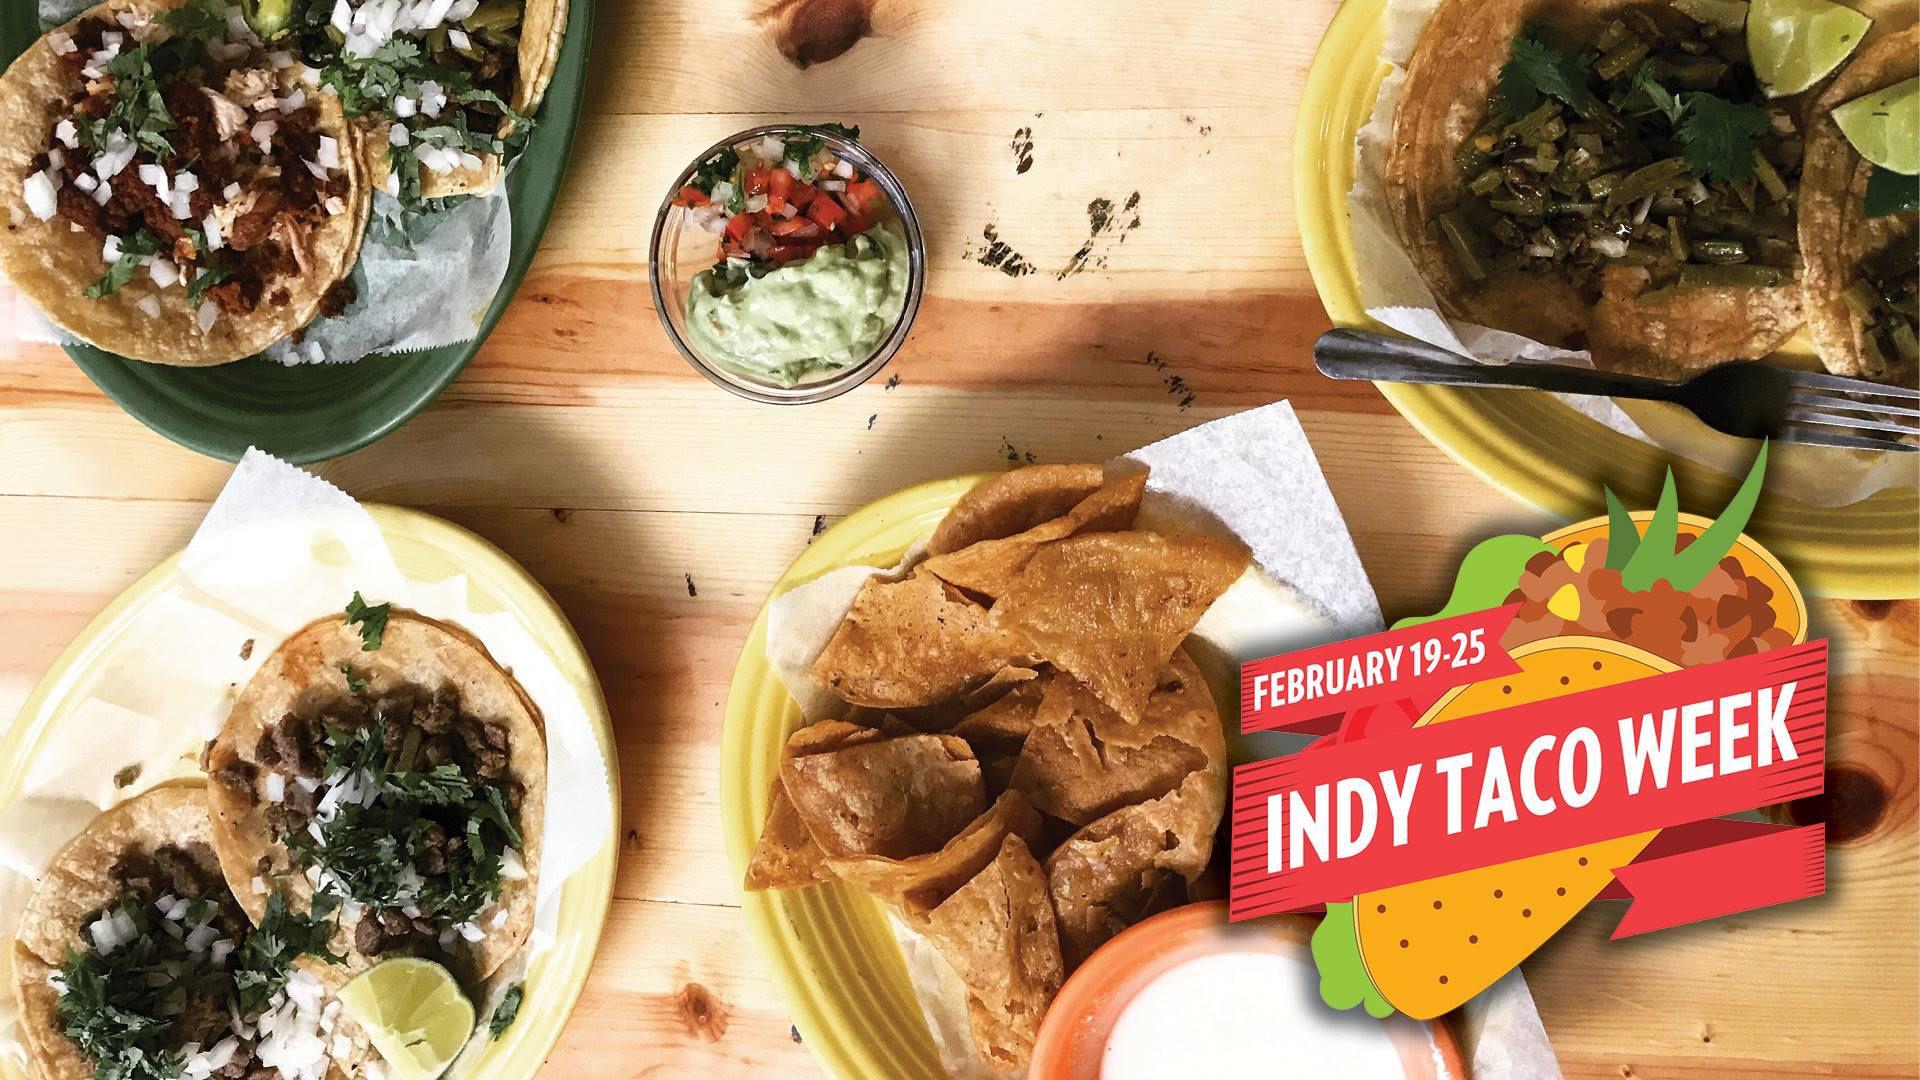 Indy Taco Week